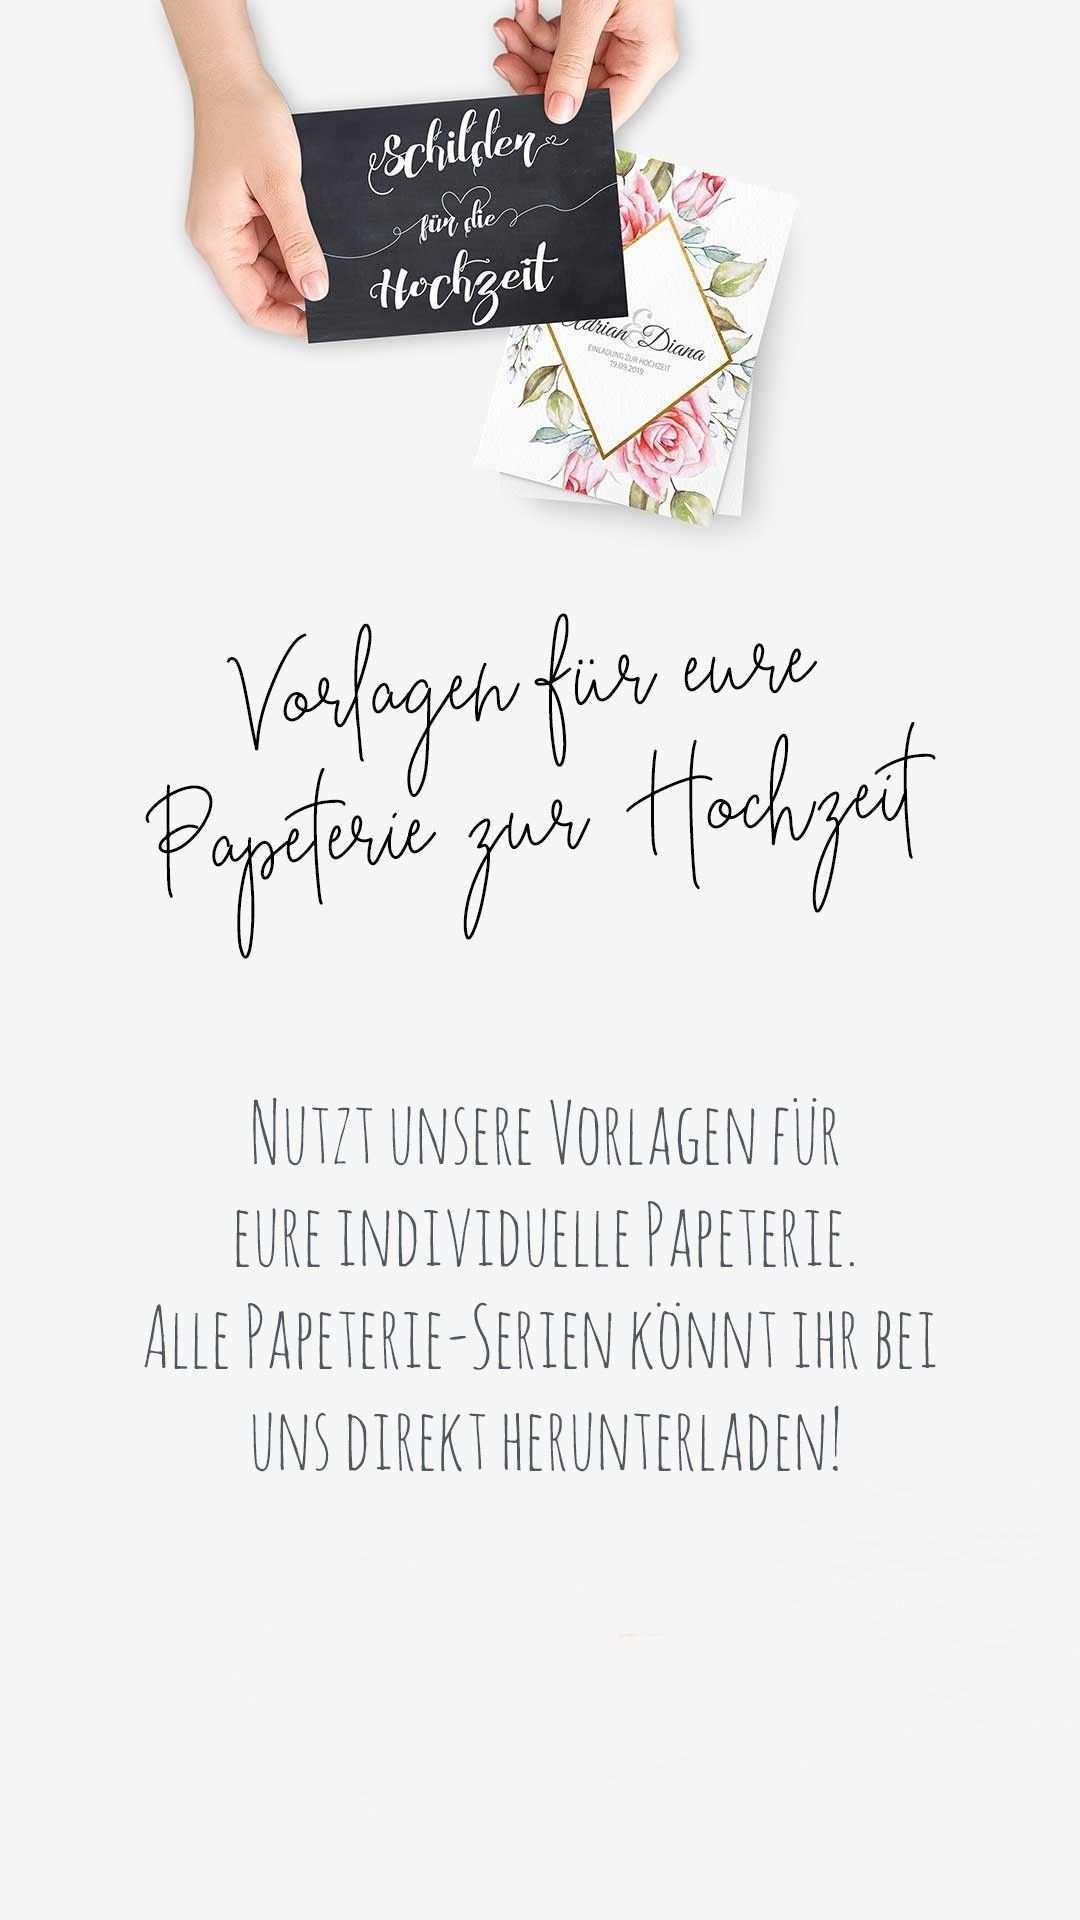 Kostenlose Vorlagen Fur Eure Papeterie Zur Hochzeit Hochzeit Freebies Karte Hochzeit Diy Hochzeit Vorlagen